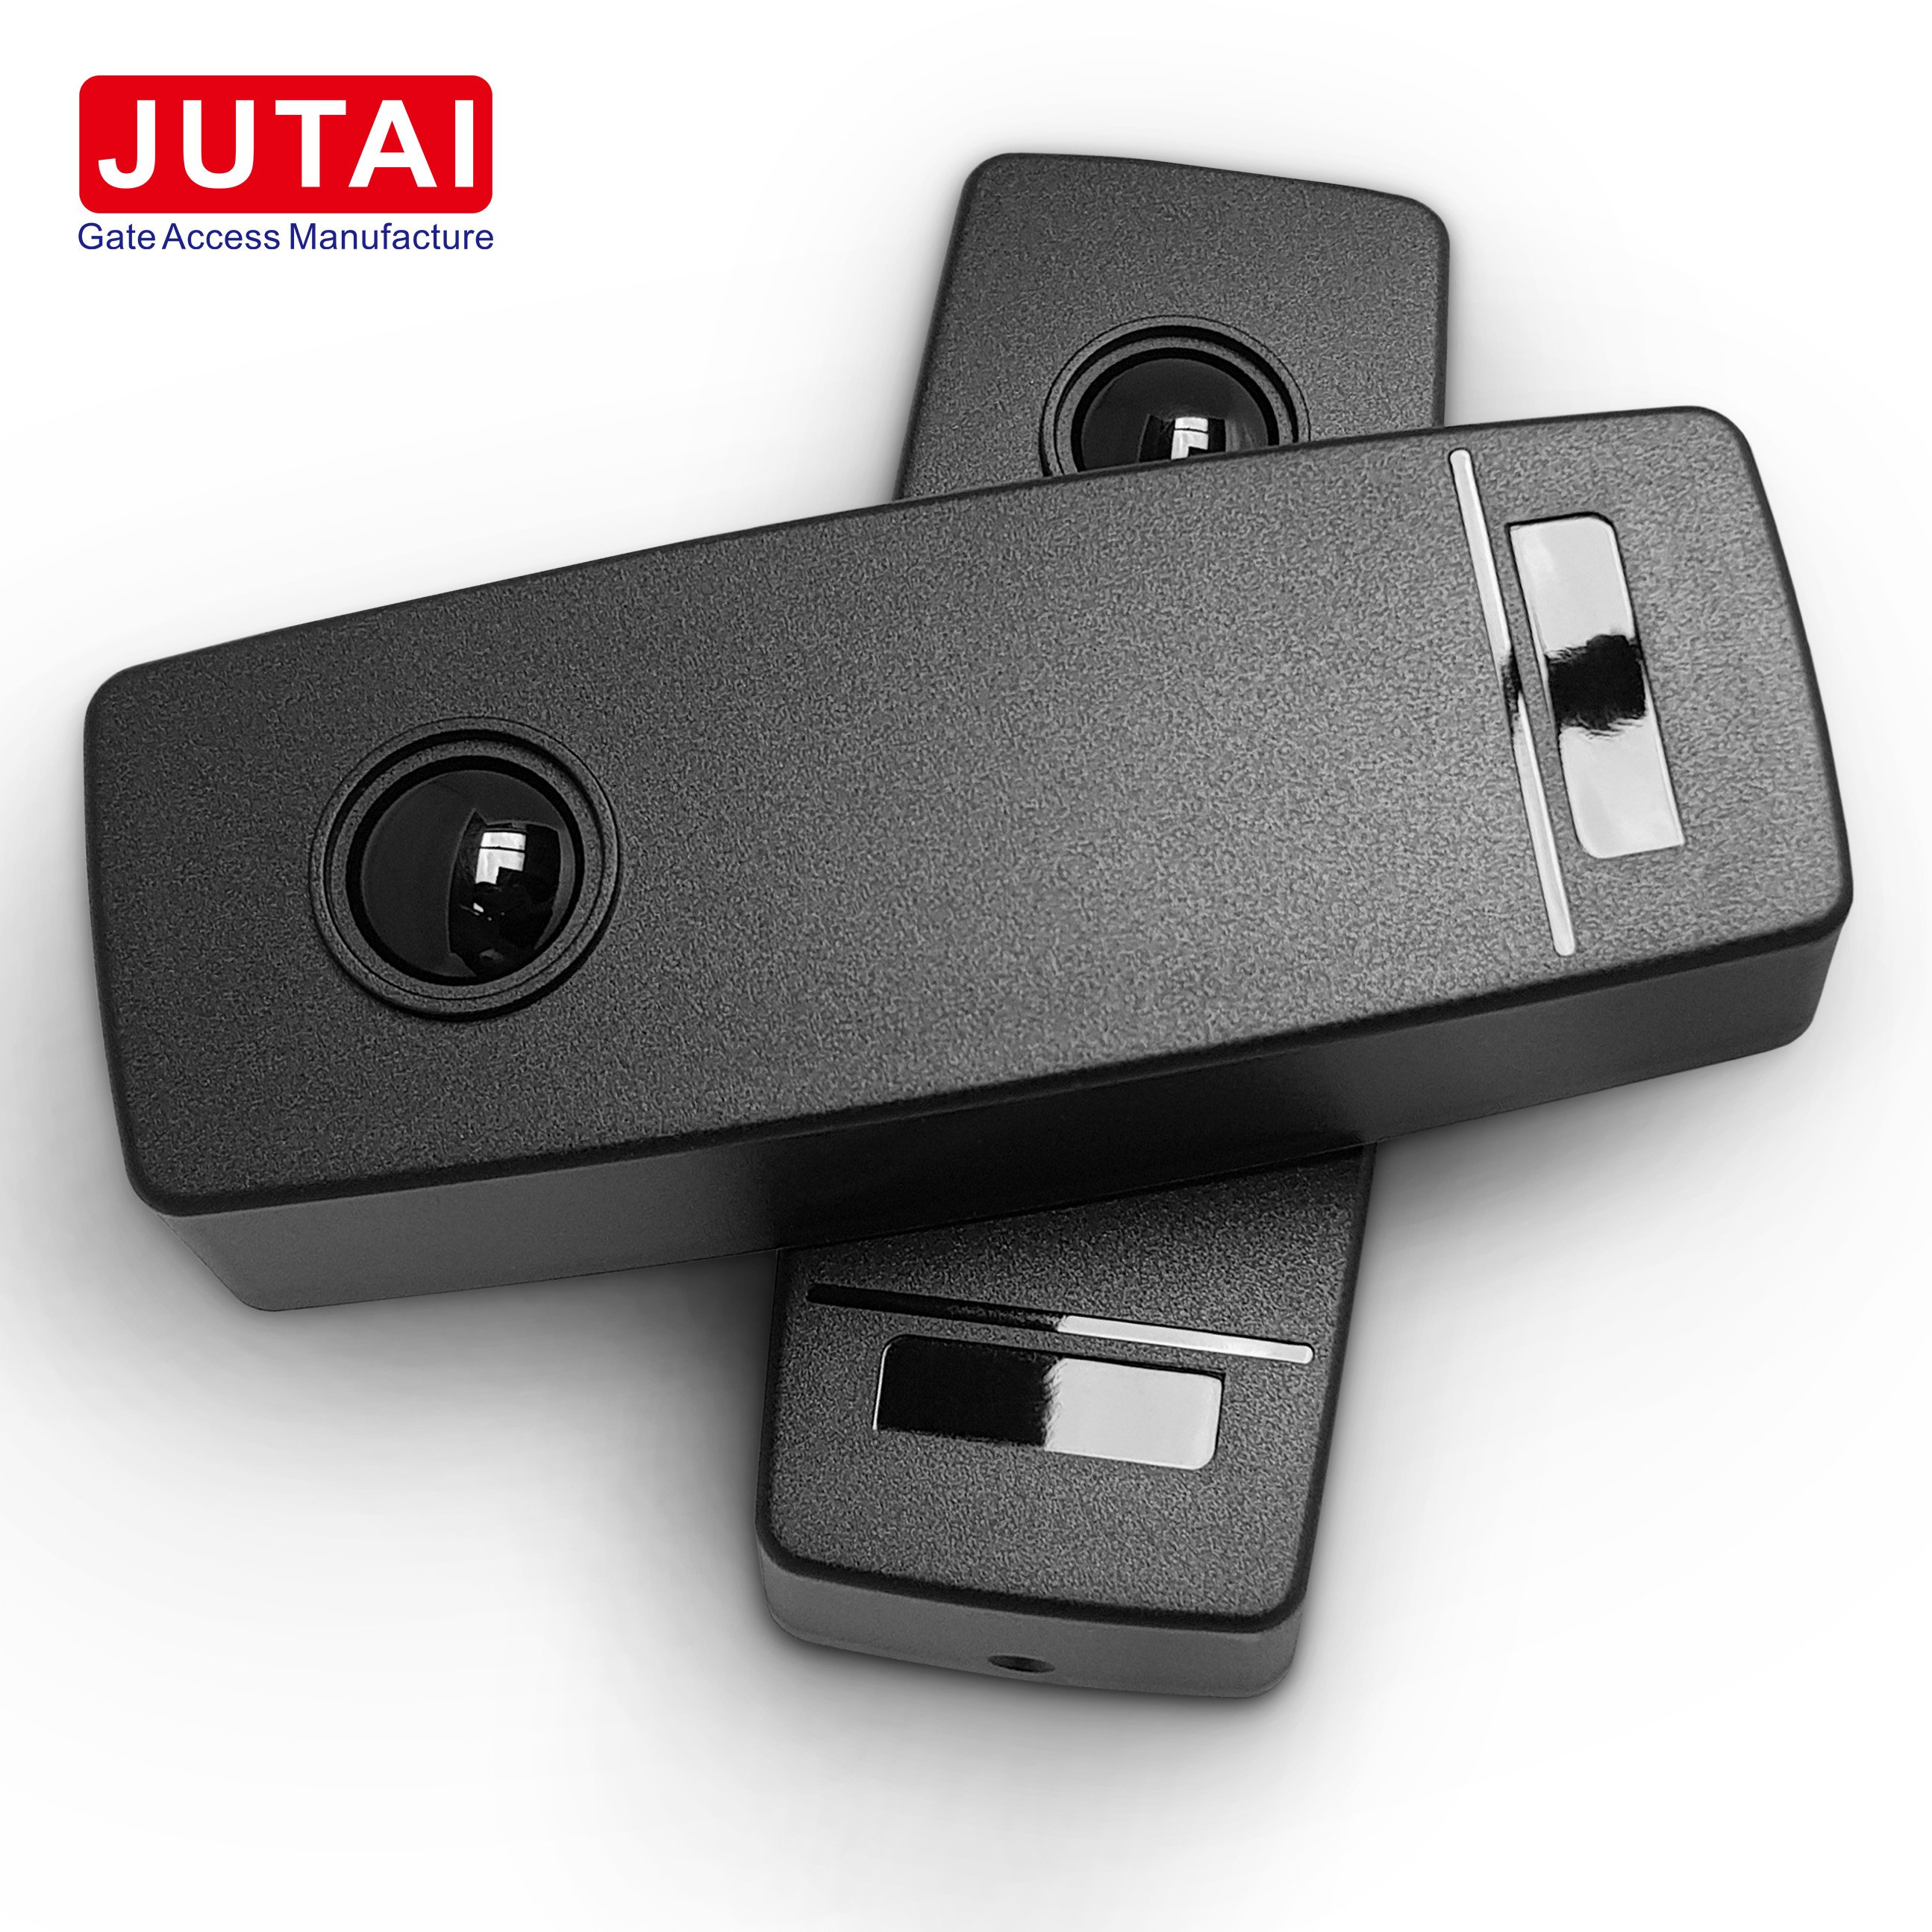 JUTAI WIS-30 مستشعر ضوئي لبوابة بوابة أوتوماتيكية